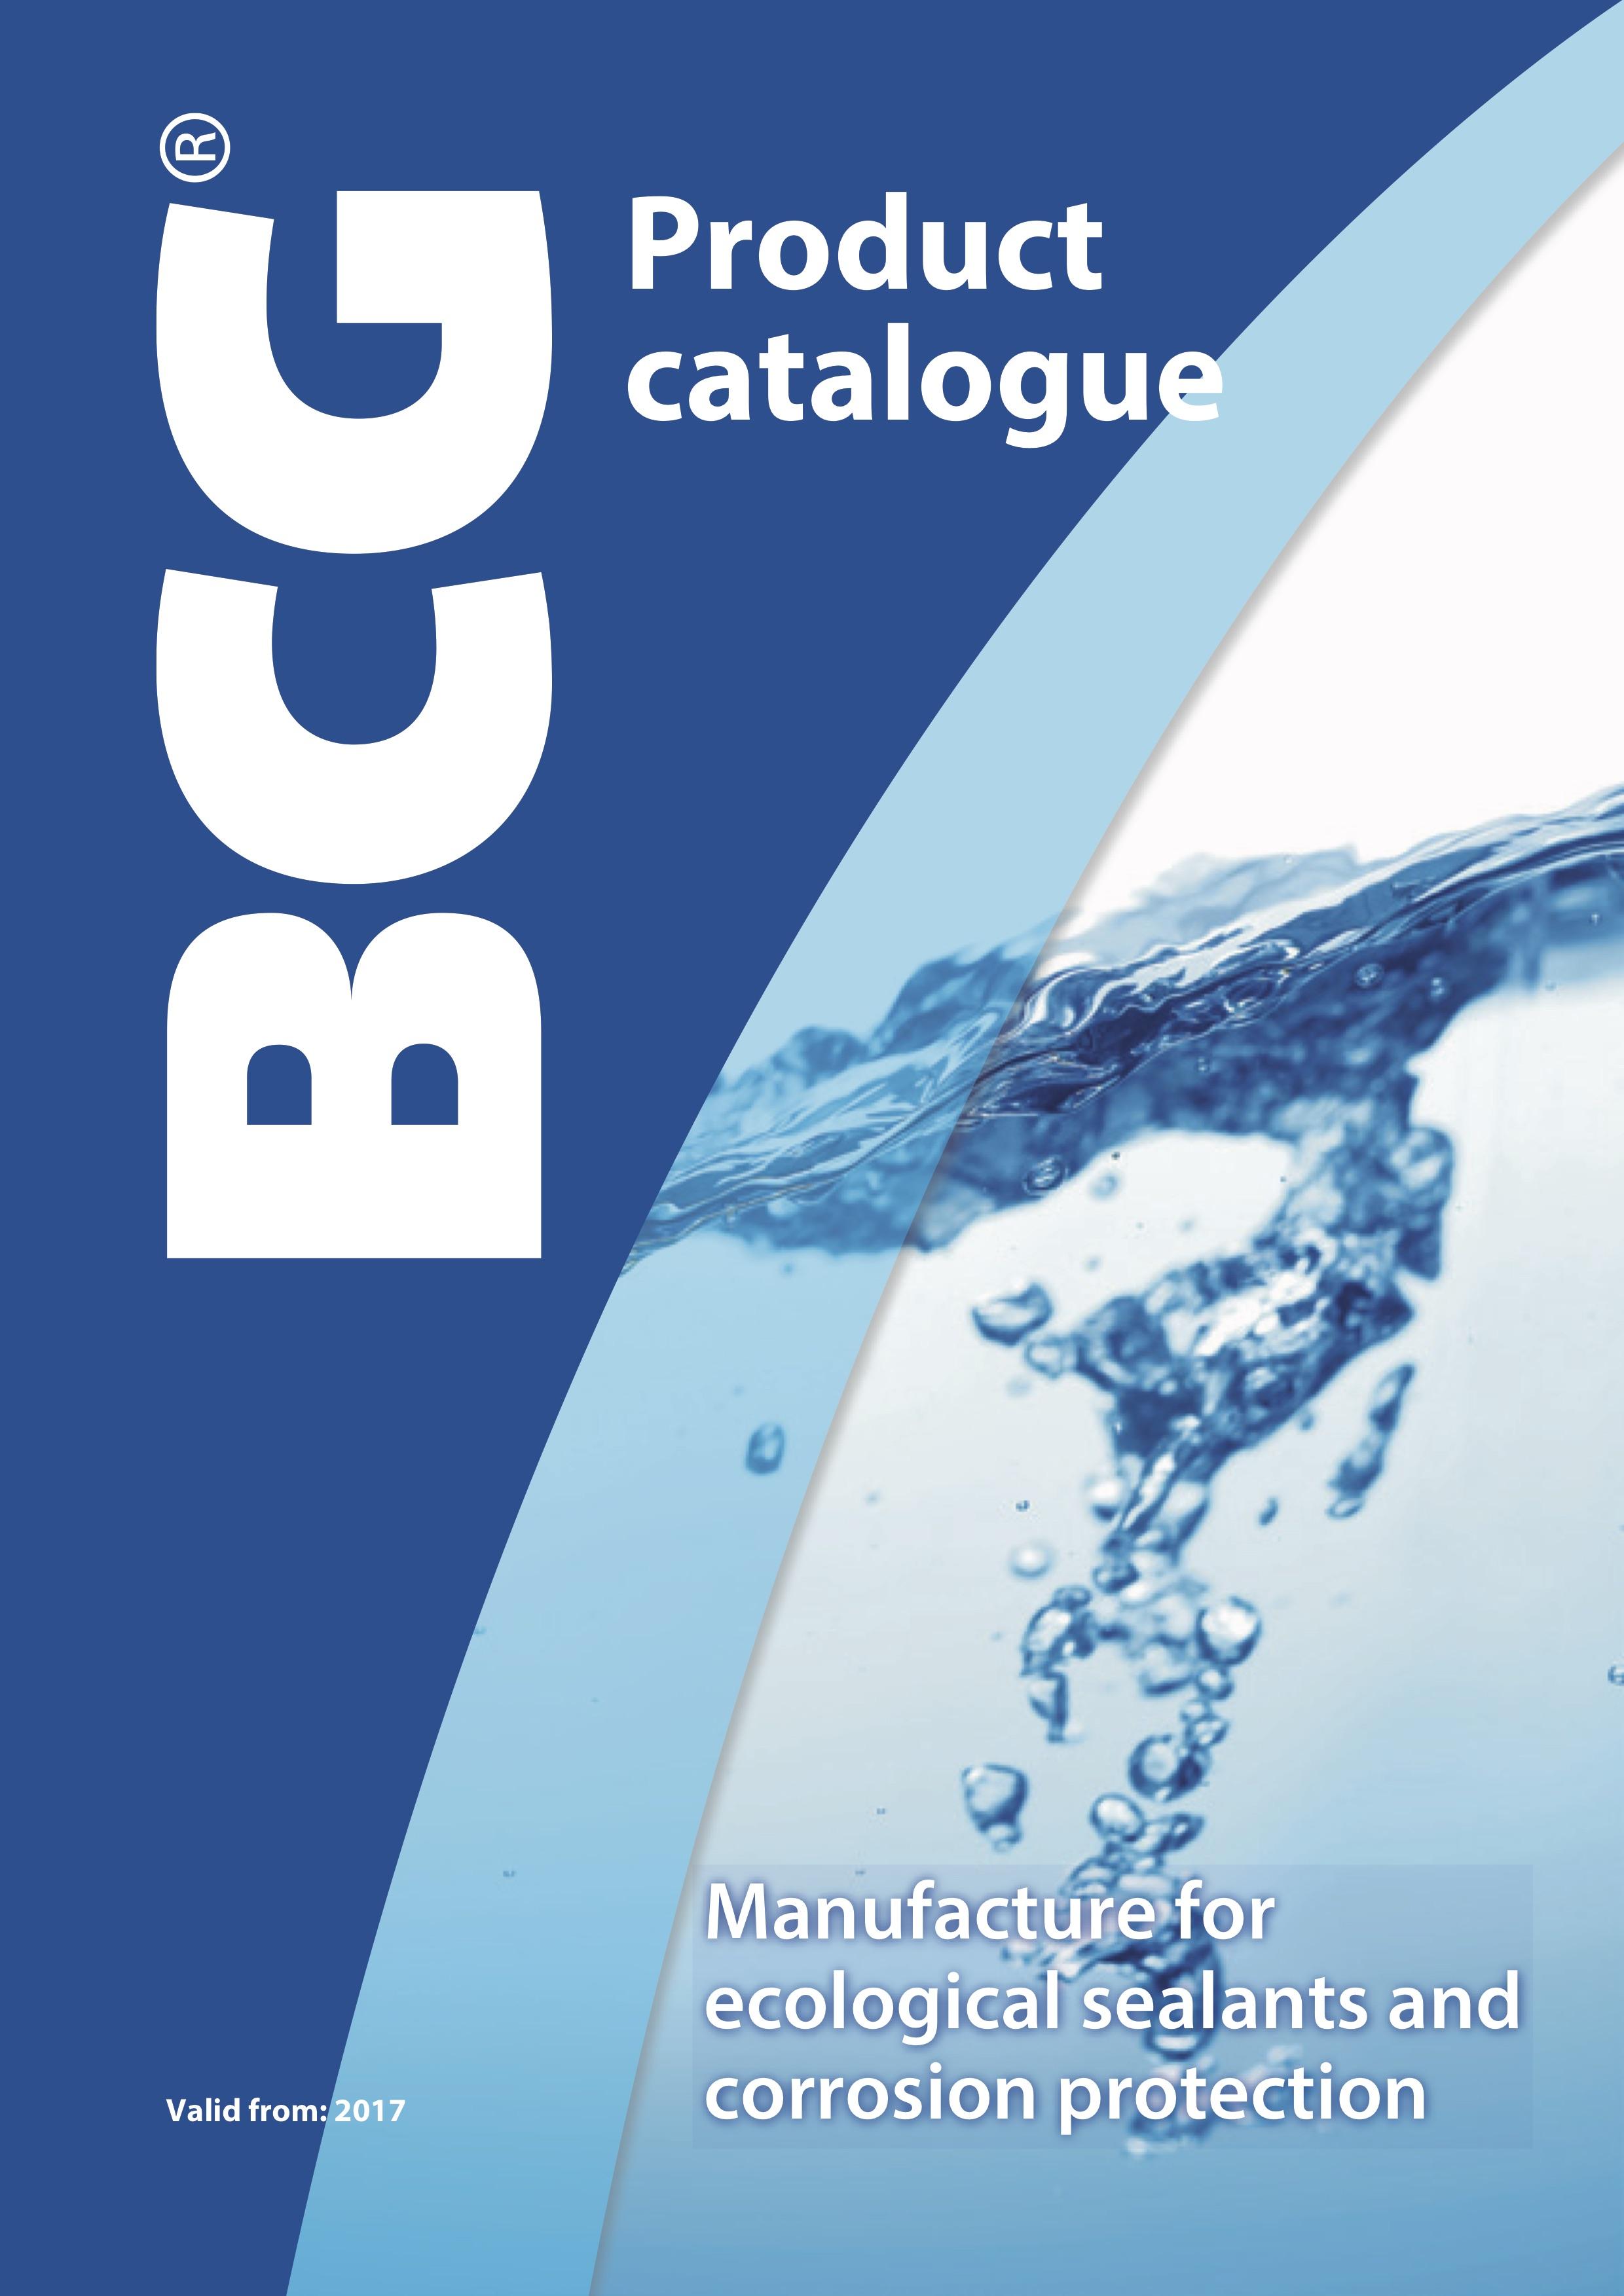 BCG productcataloug englisch 2017